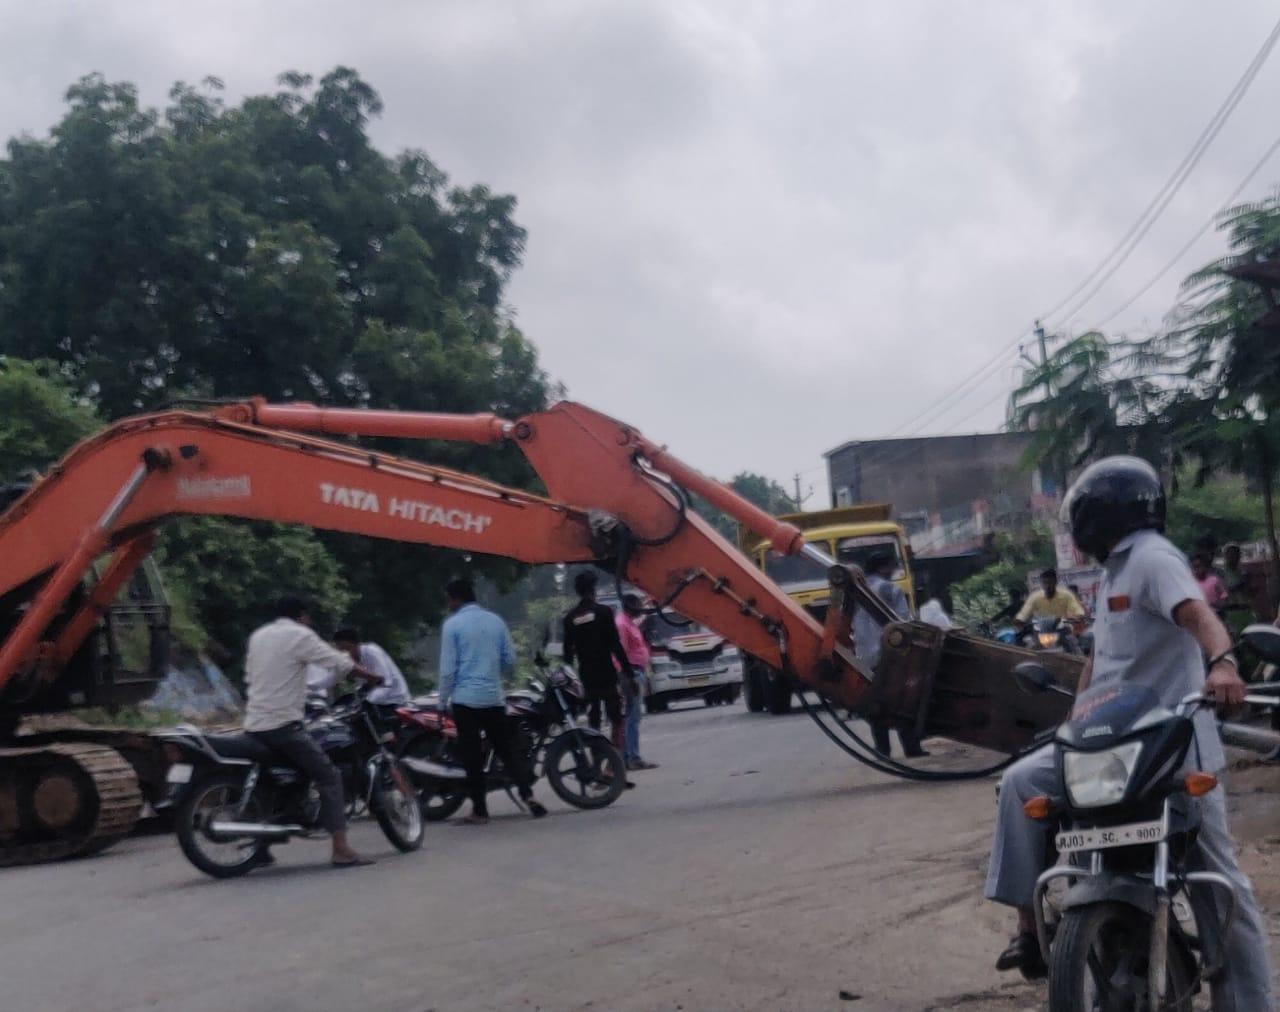 पेट्रोल पंप पर पत्थरों की खुदाई कर रही थी मशीन, बाल-बाल बचे कार सवार लोग, 30 मिनट तक हाईवे रहा जाम|बांसवाड़ा,Banswara - Dainik Bhaskar